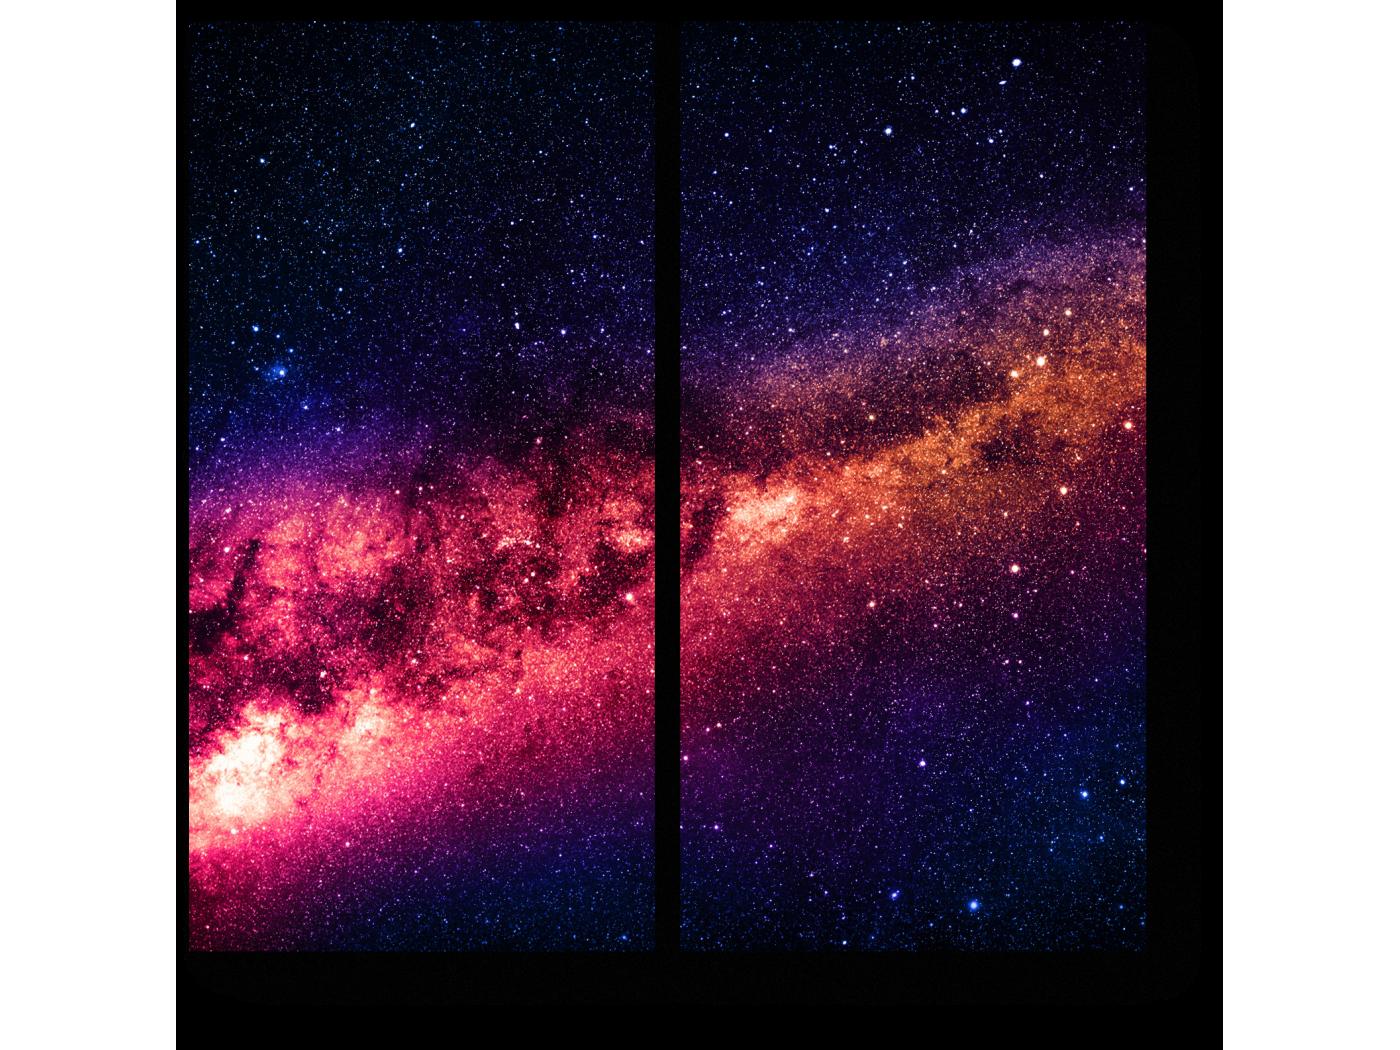 Модульная картина Космическое притяжение (40x40) фото